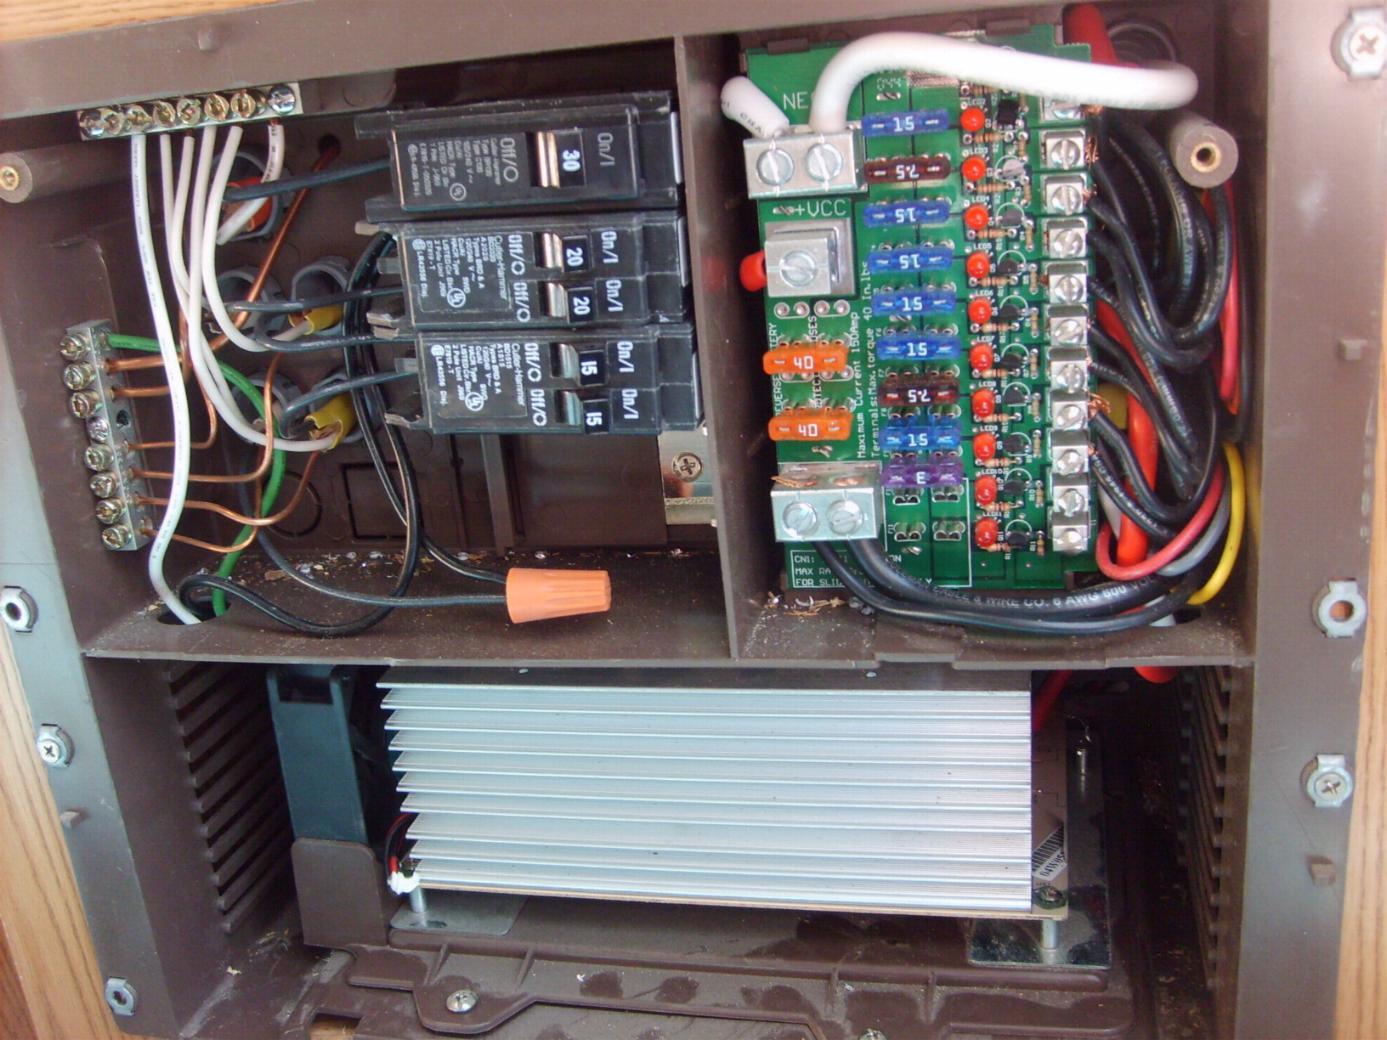 rv fuse box covers 12v rv fuse box wiring diagram data  12v rv fuse box wiring diagram data